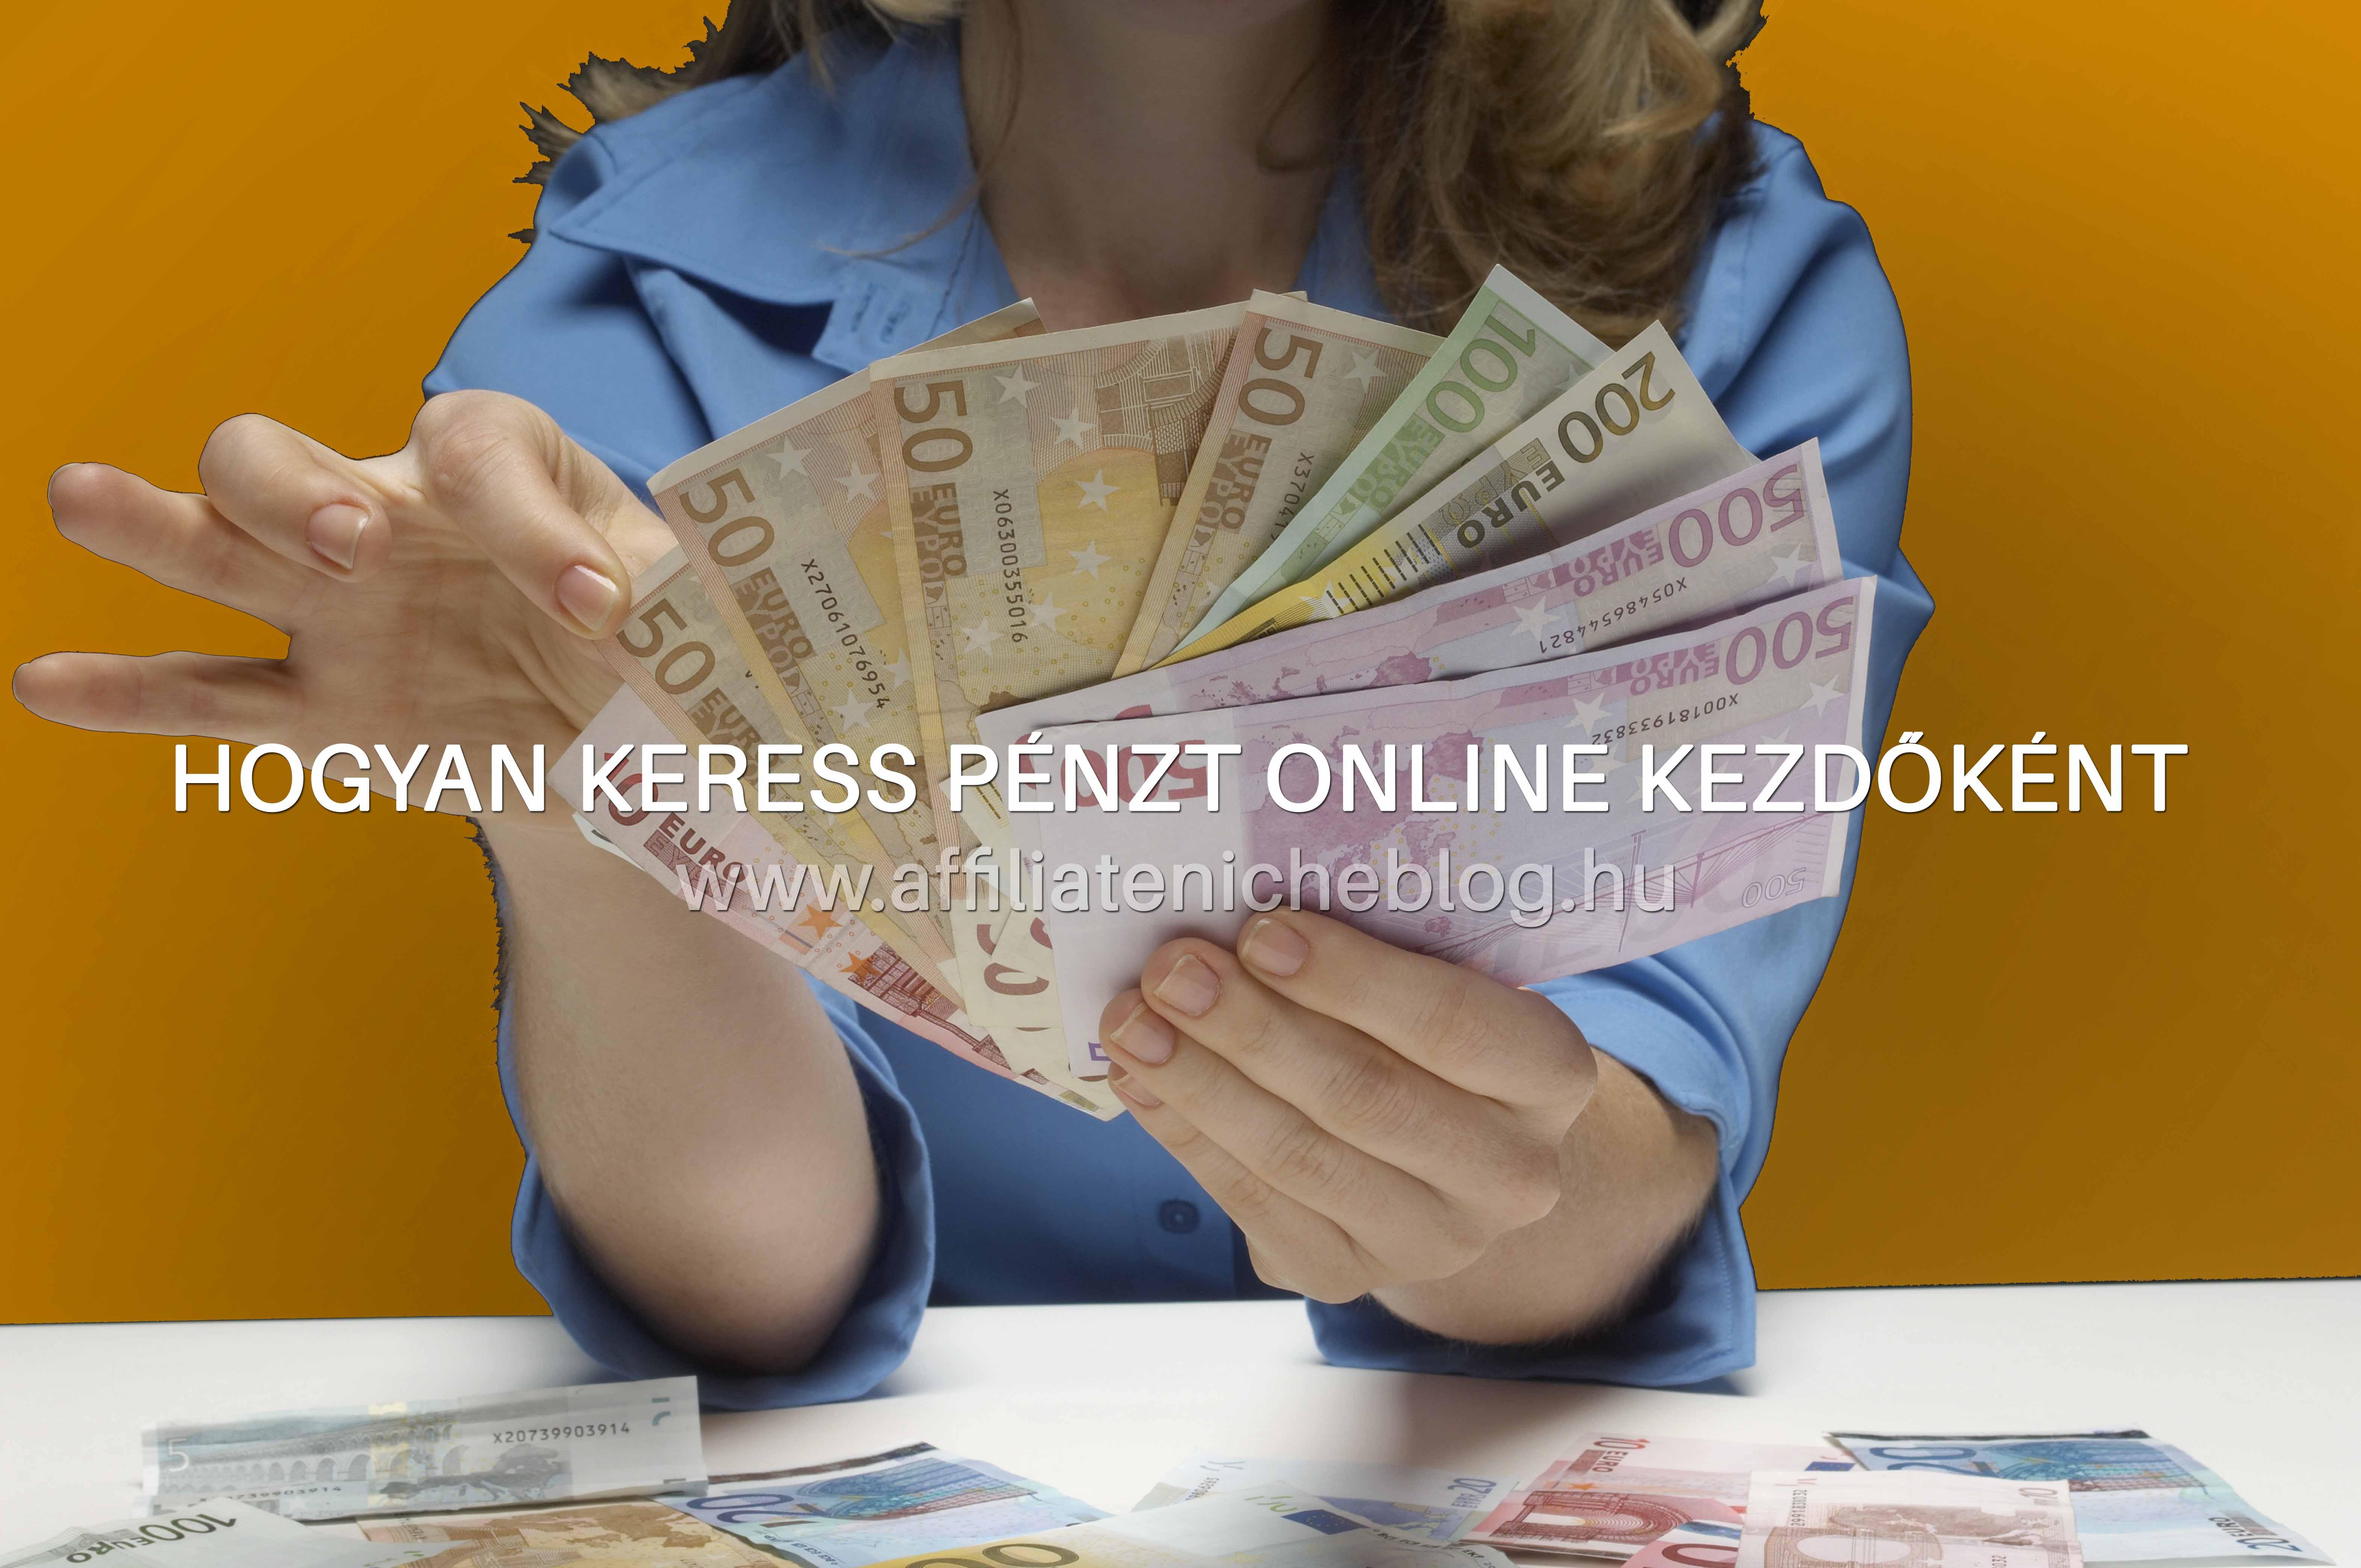 weboldalakat és pénzt keresni